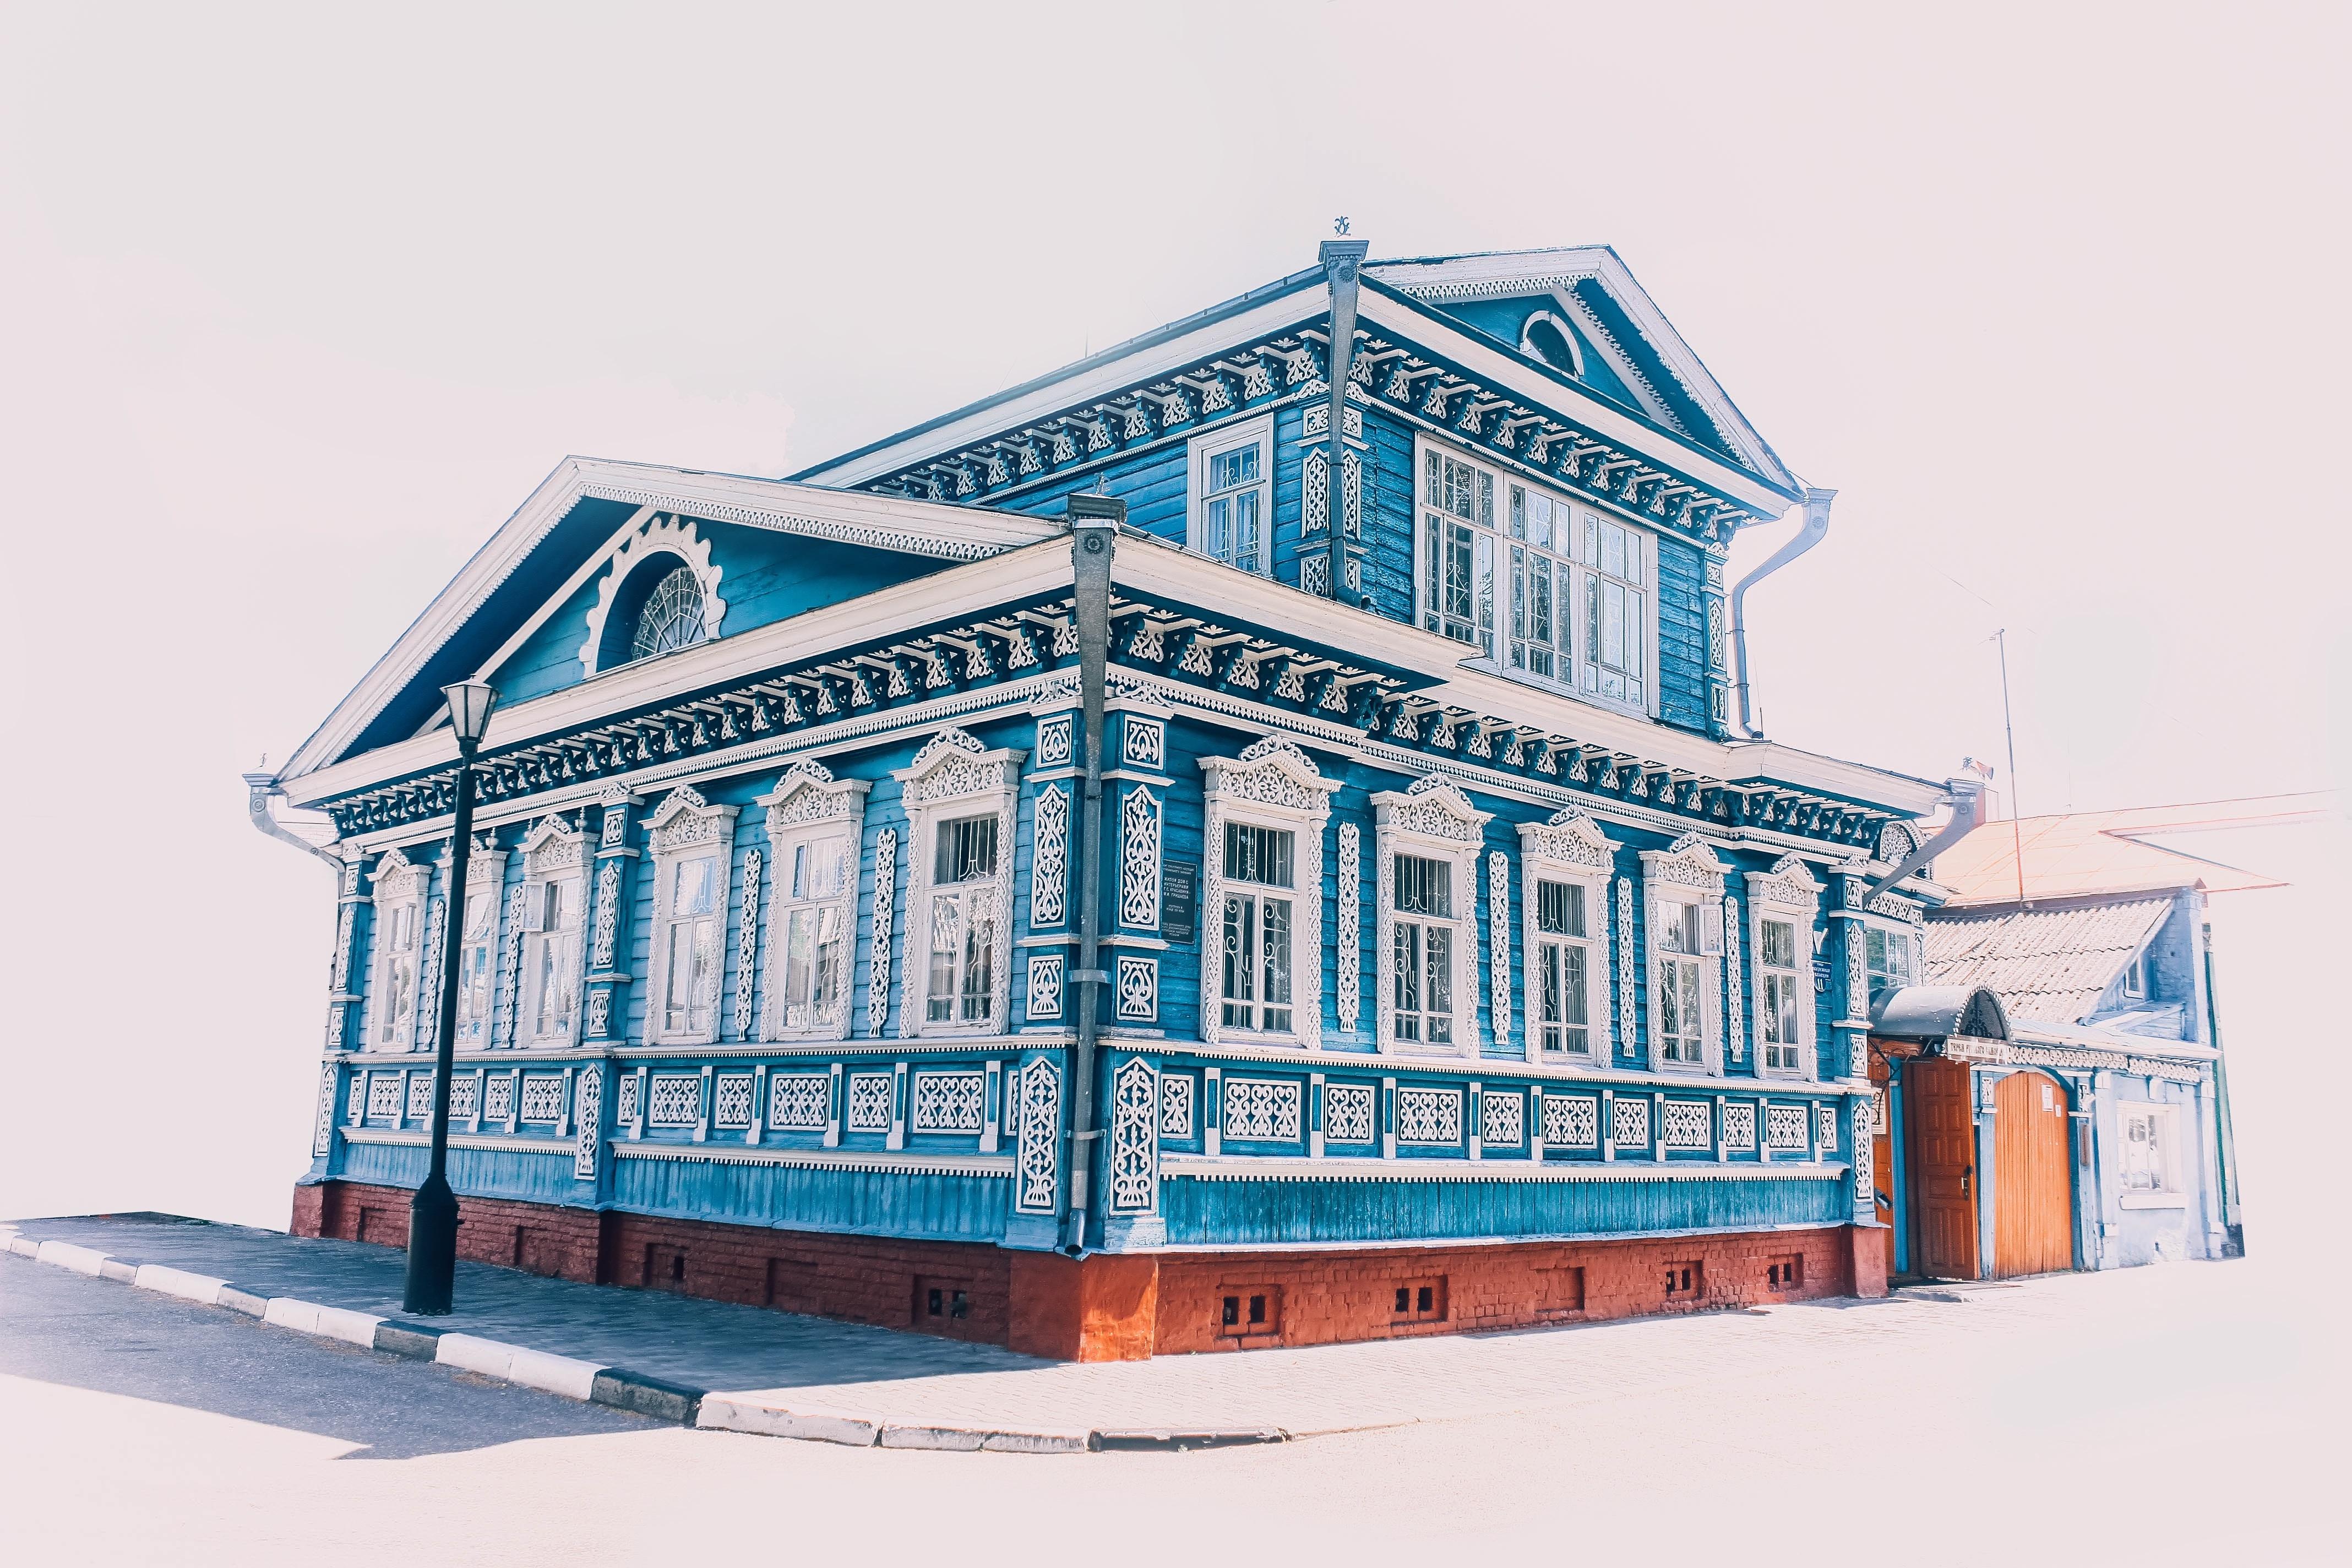 Gambar Arsitektur Rumah Bangunan Tengara Penglihatan Sketsa